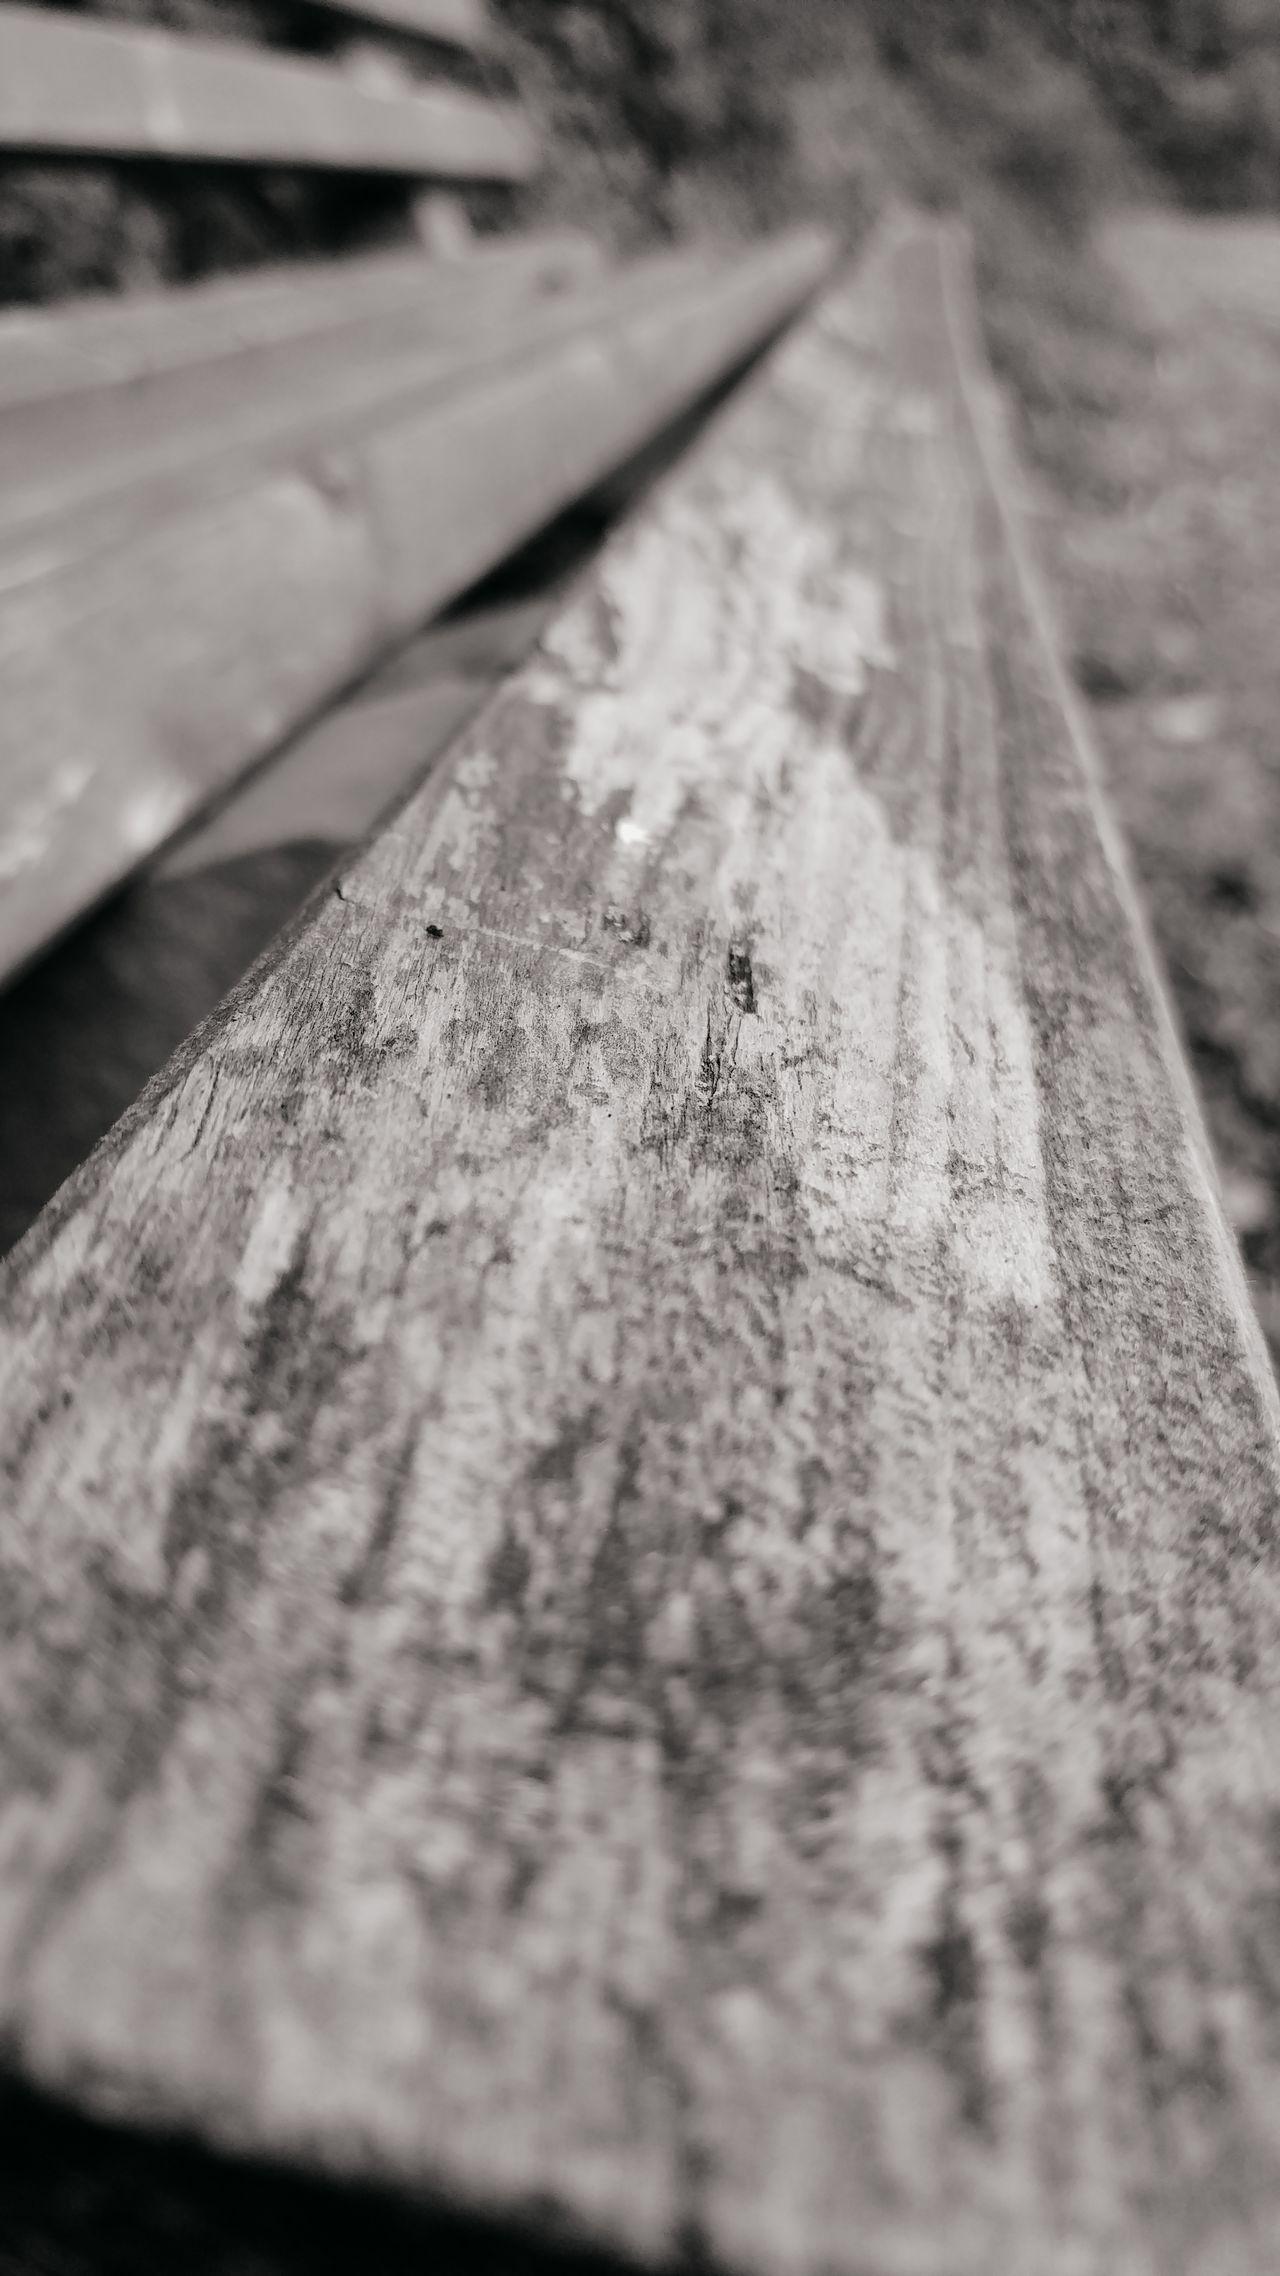 Bench ławka Grass Trawa Earth Ziemia Czarnobiałe Czarno-białe Black & White Black And White LG  Smartphonephotography Lg G5 Smartphone Photography Lgg5photography Monochrome Photography